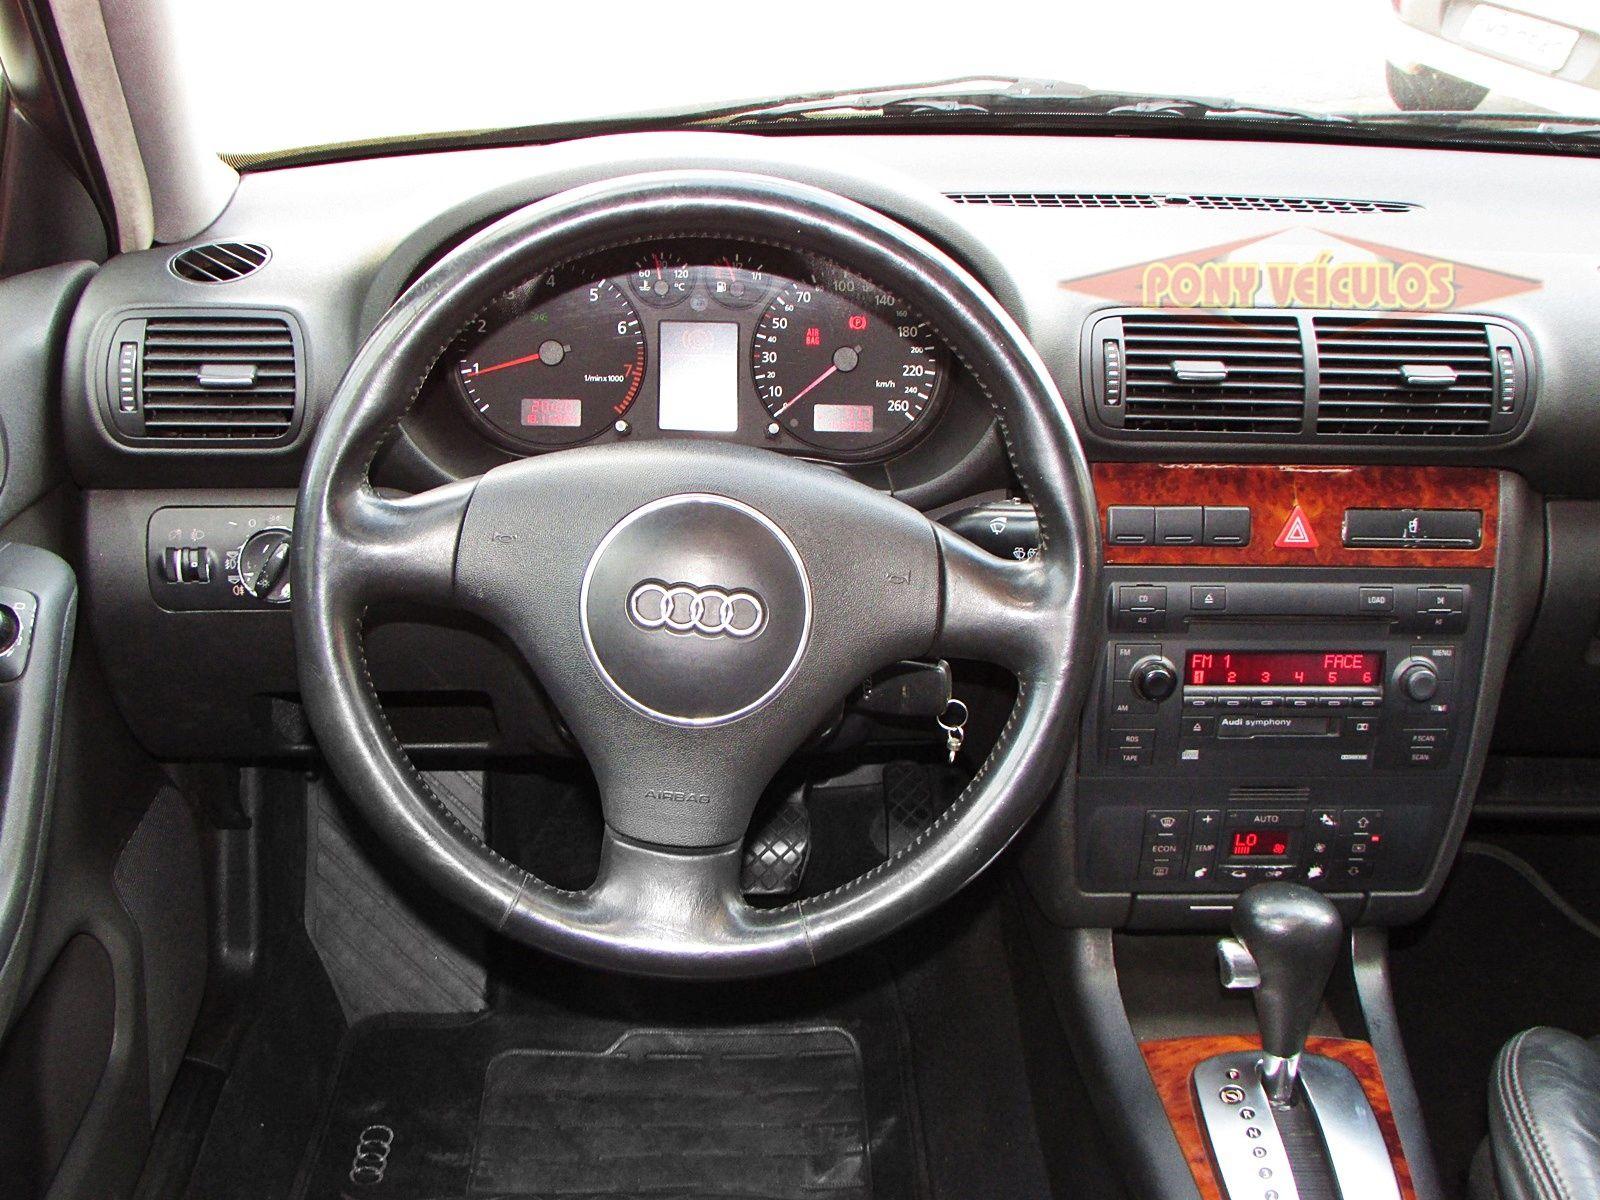 Audi A3 1 8 20v Turbo Interior Com Imagens